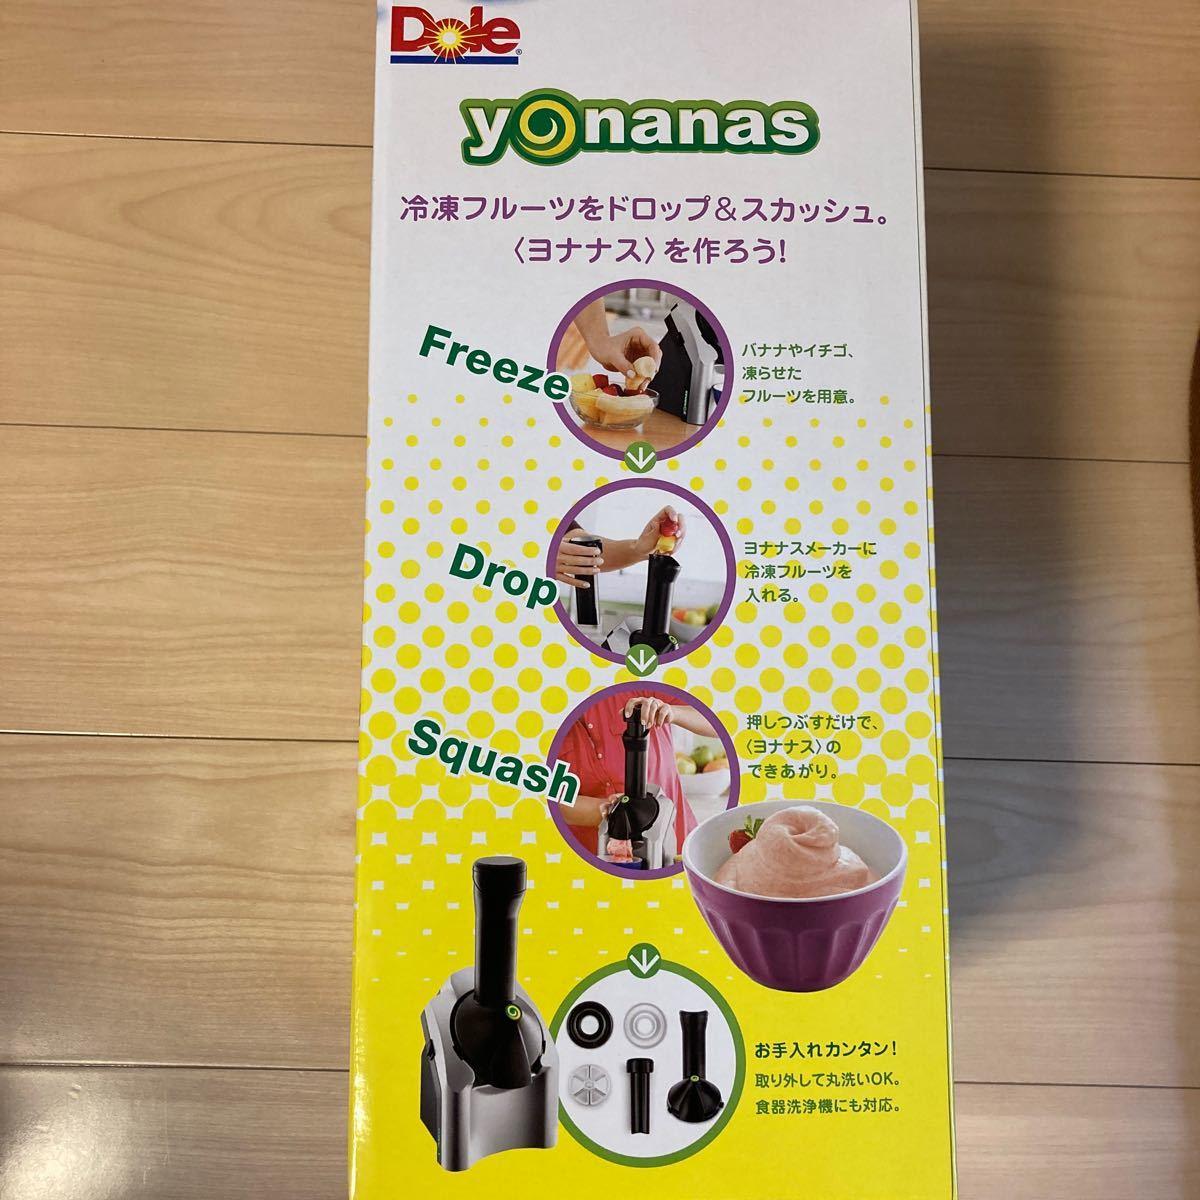 yonanas Dole ヨナナスメーカー